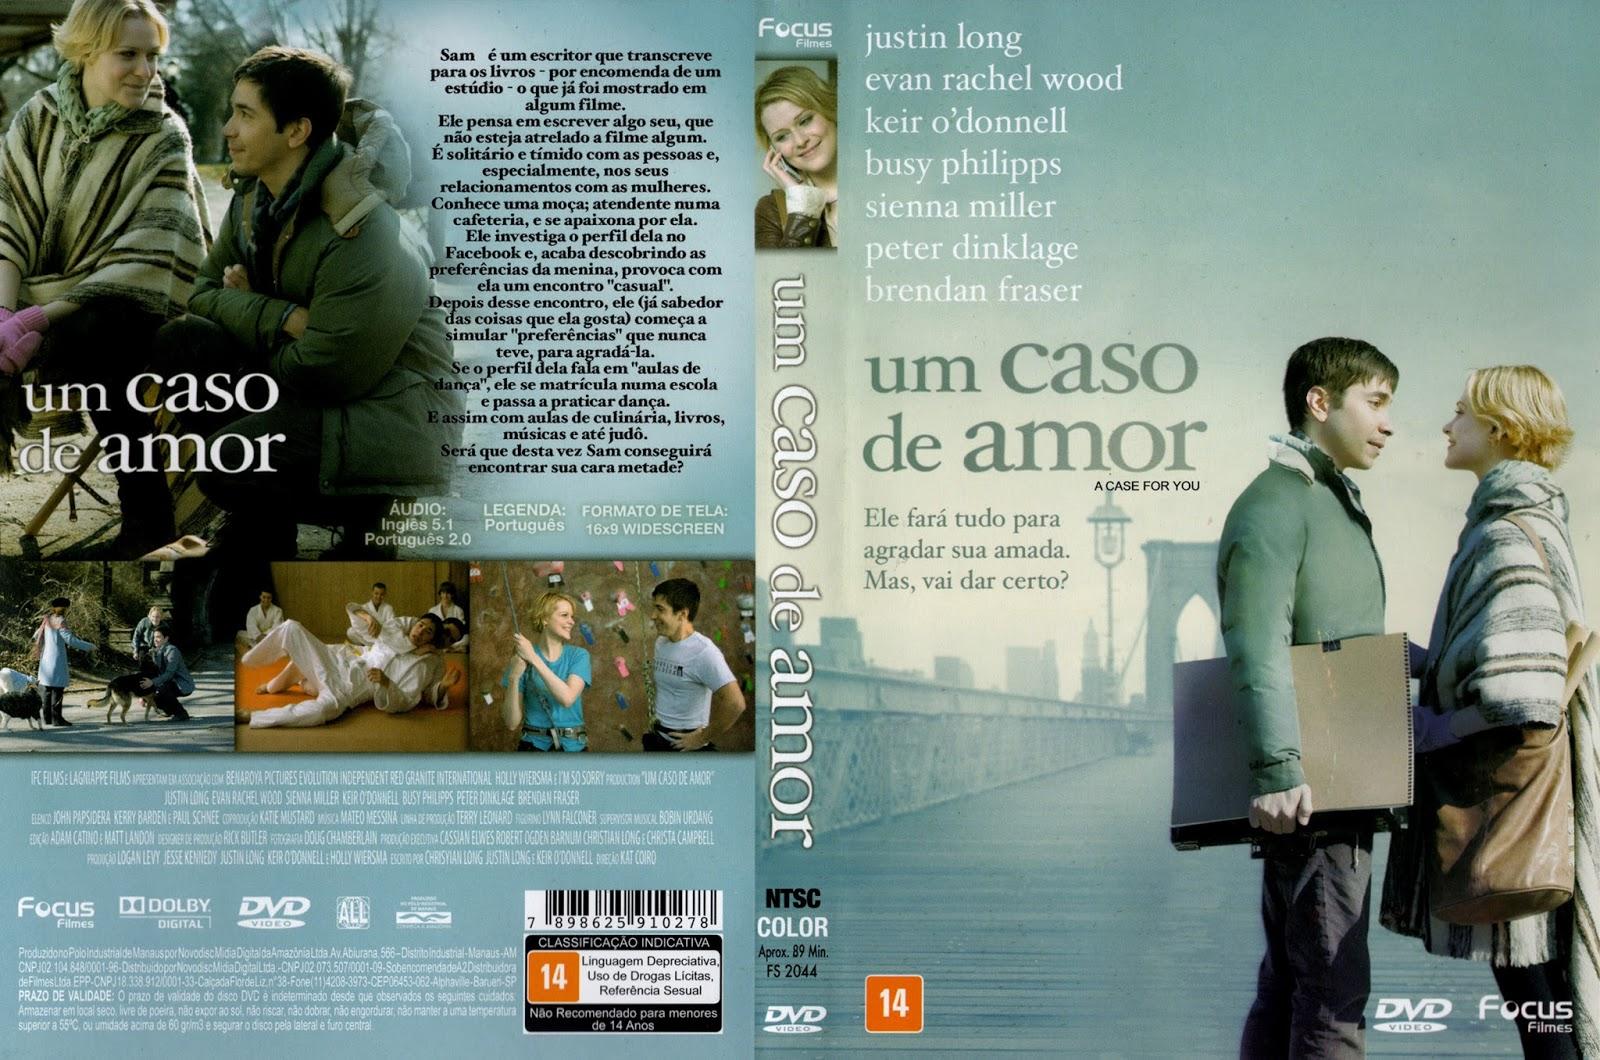 Download Um Caso de Amor DVDRip XviD Dual Áudio Um 2BCaso 2BDe 2BAmor